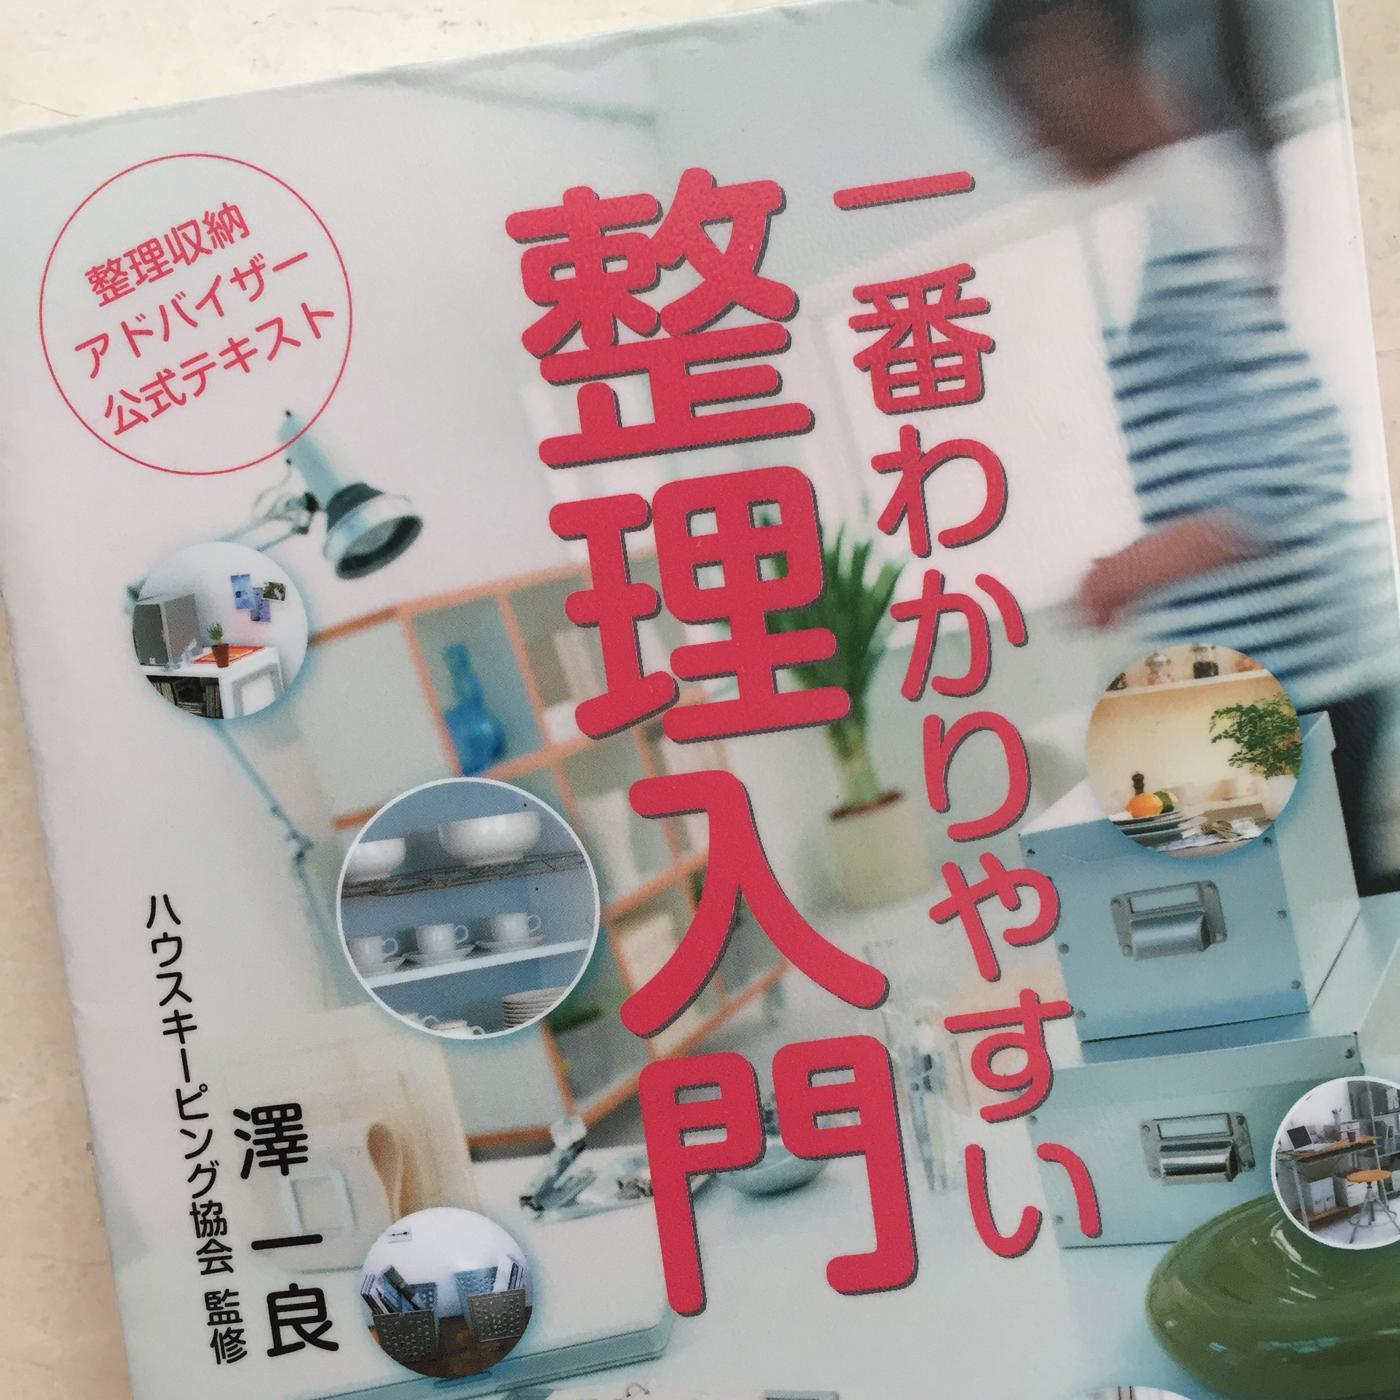 一番わかりやすい整理入門 【書評】(澤一良さん著)整理本を読んで頭の中が整理されました!